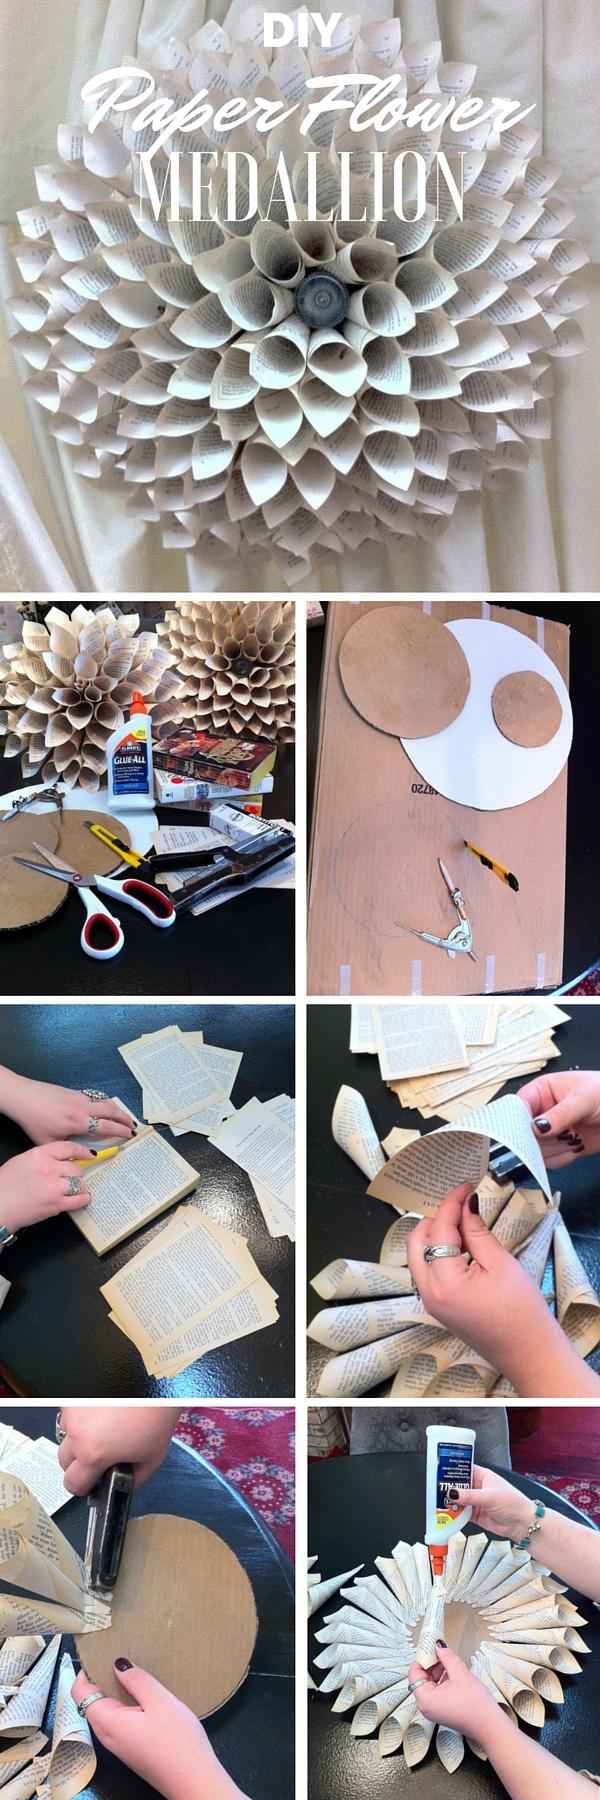 2.DIY Paper Flower Medallion